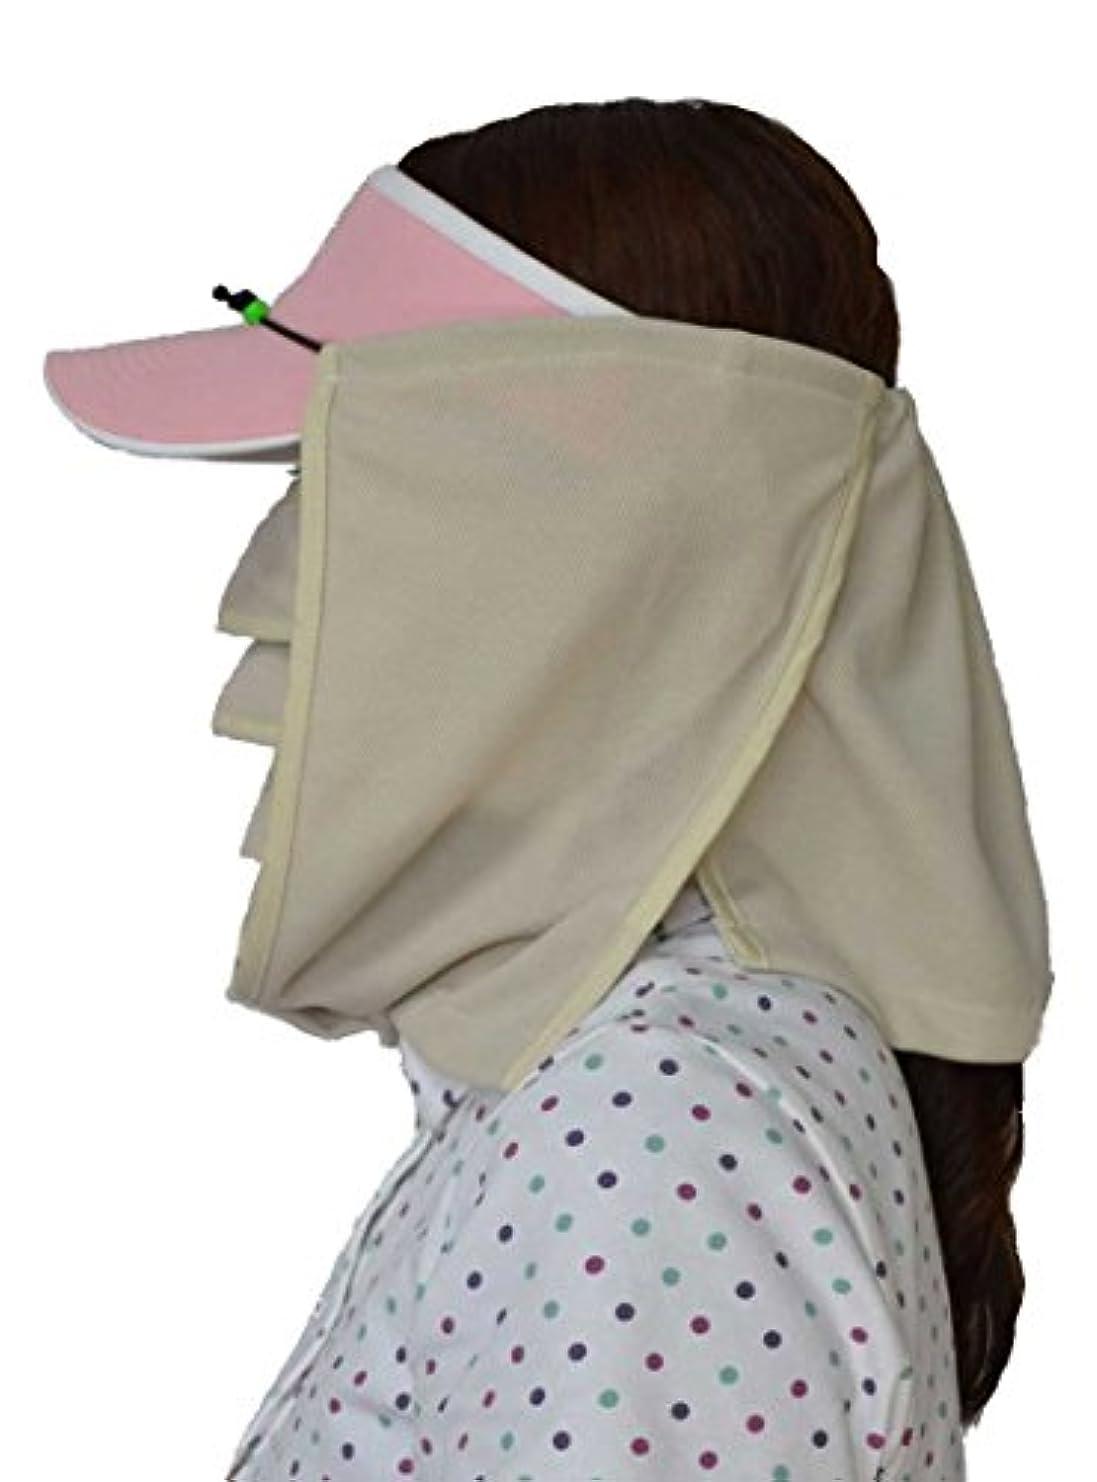 前任者もっとつらいUVマスク?マモルーノ?とUV帽子カバー?スズシーノ?のセット(ベージュ)【太陽からの直射光や照り返し.散乱光の紫外線対策や熱射病、熱中症対策に最適の組合せです.】